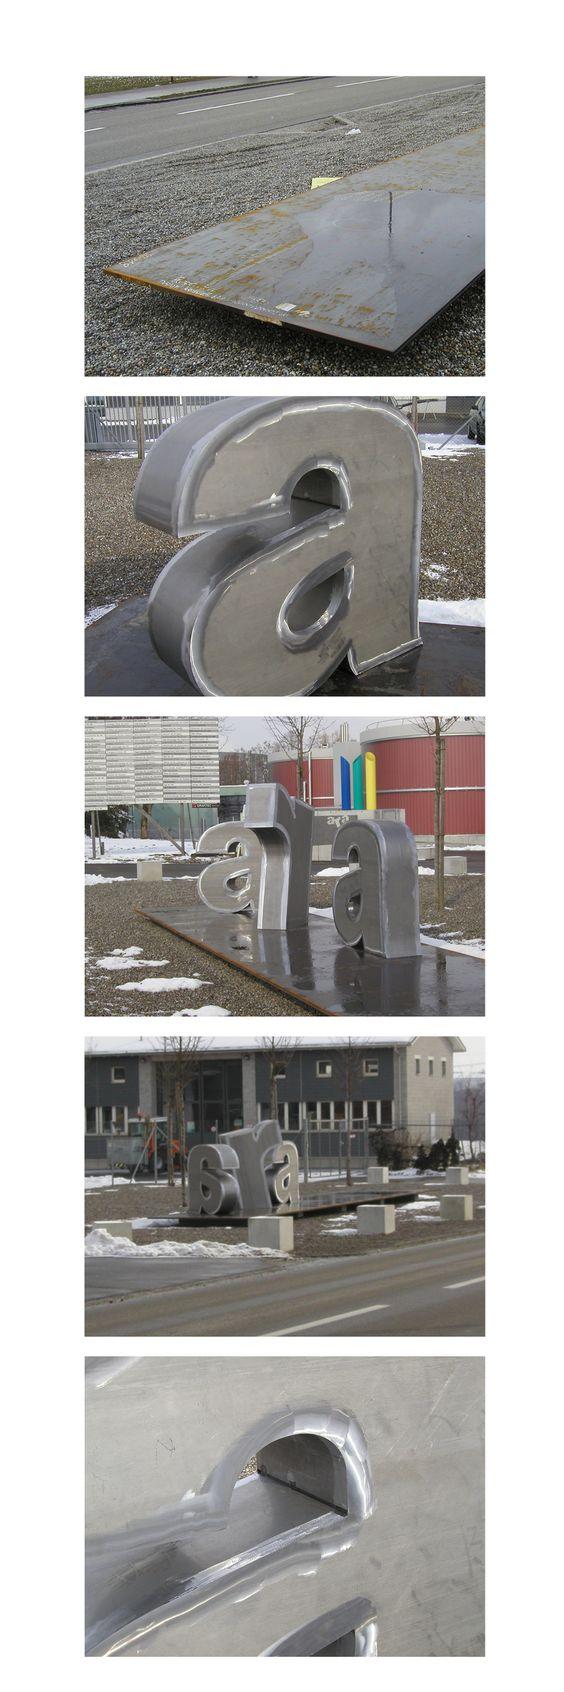 ARA Kläranlage Kunst am Bau Plastik und Signaletik von designsalzmann